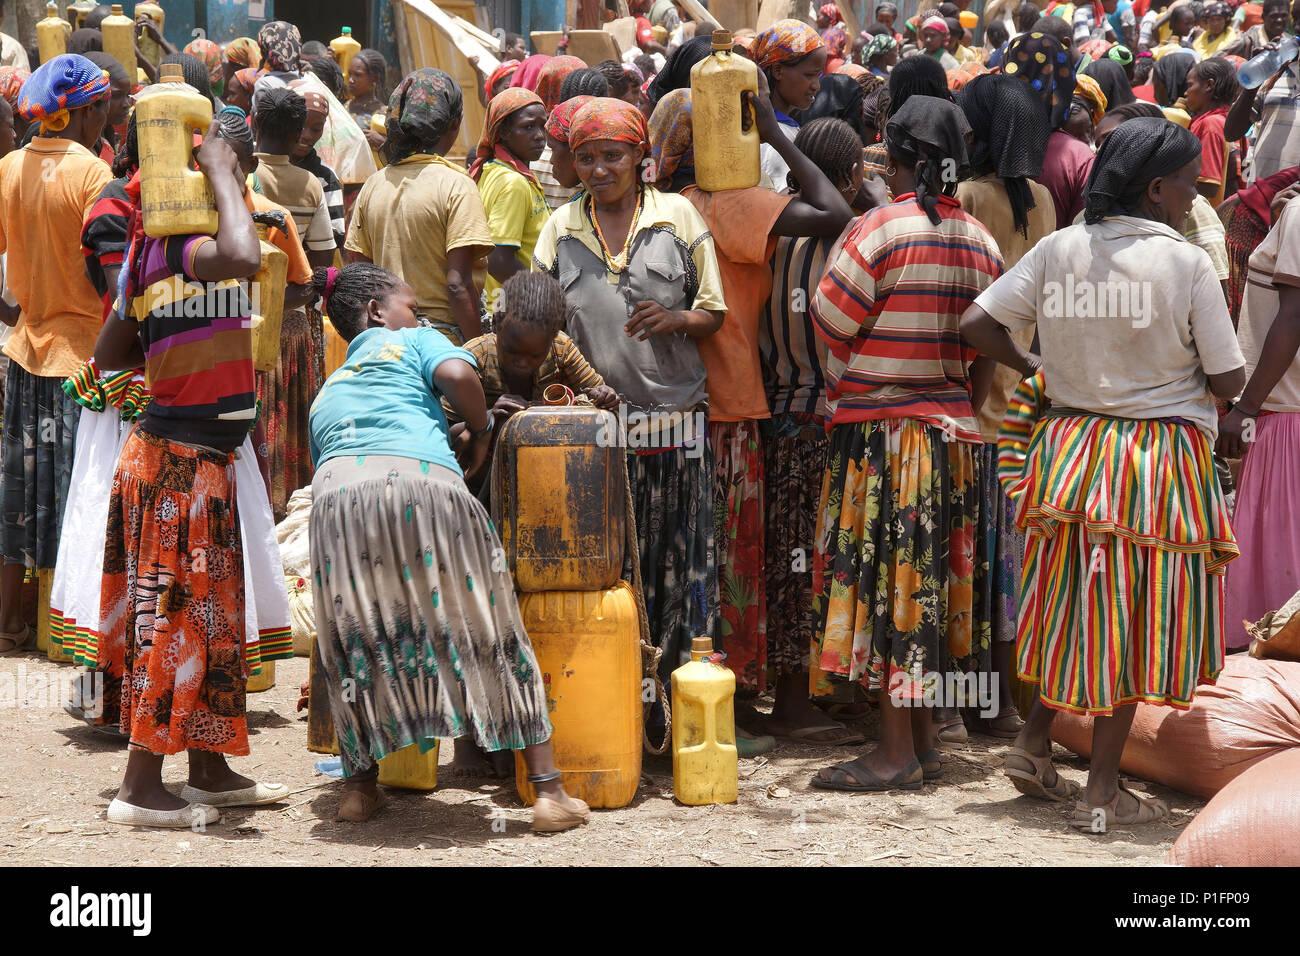 Africa, Ethiopia, konzo market, Afrika, Aethiopien, Konzo Markt - Stock Image